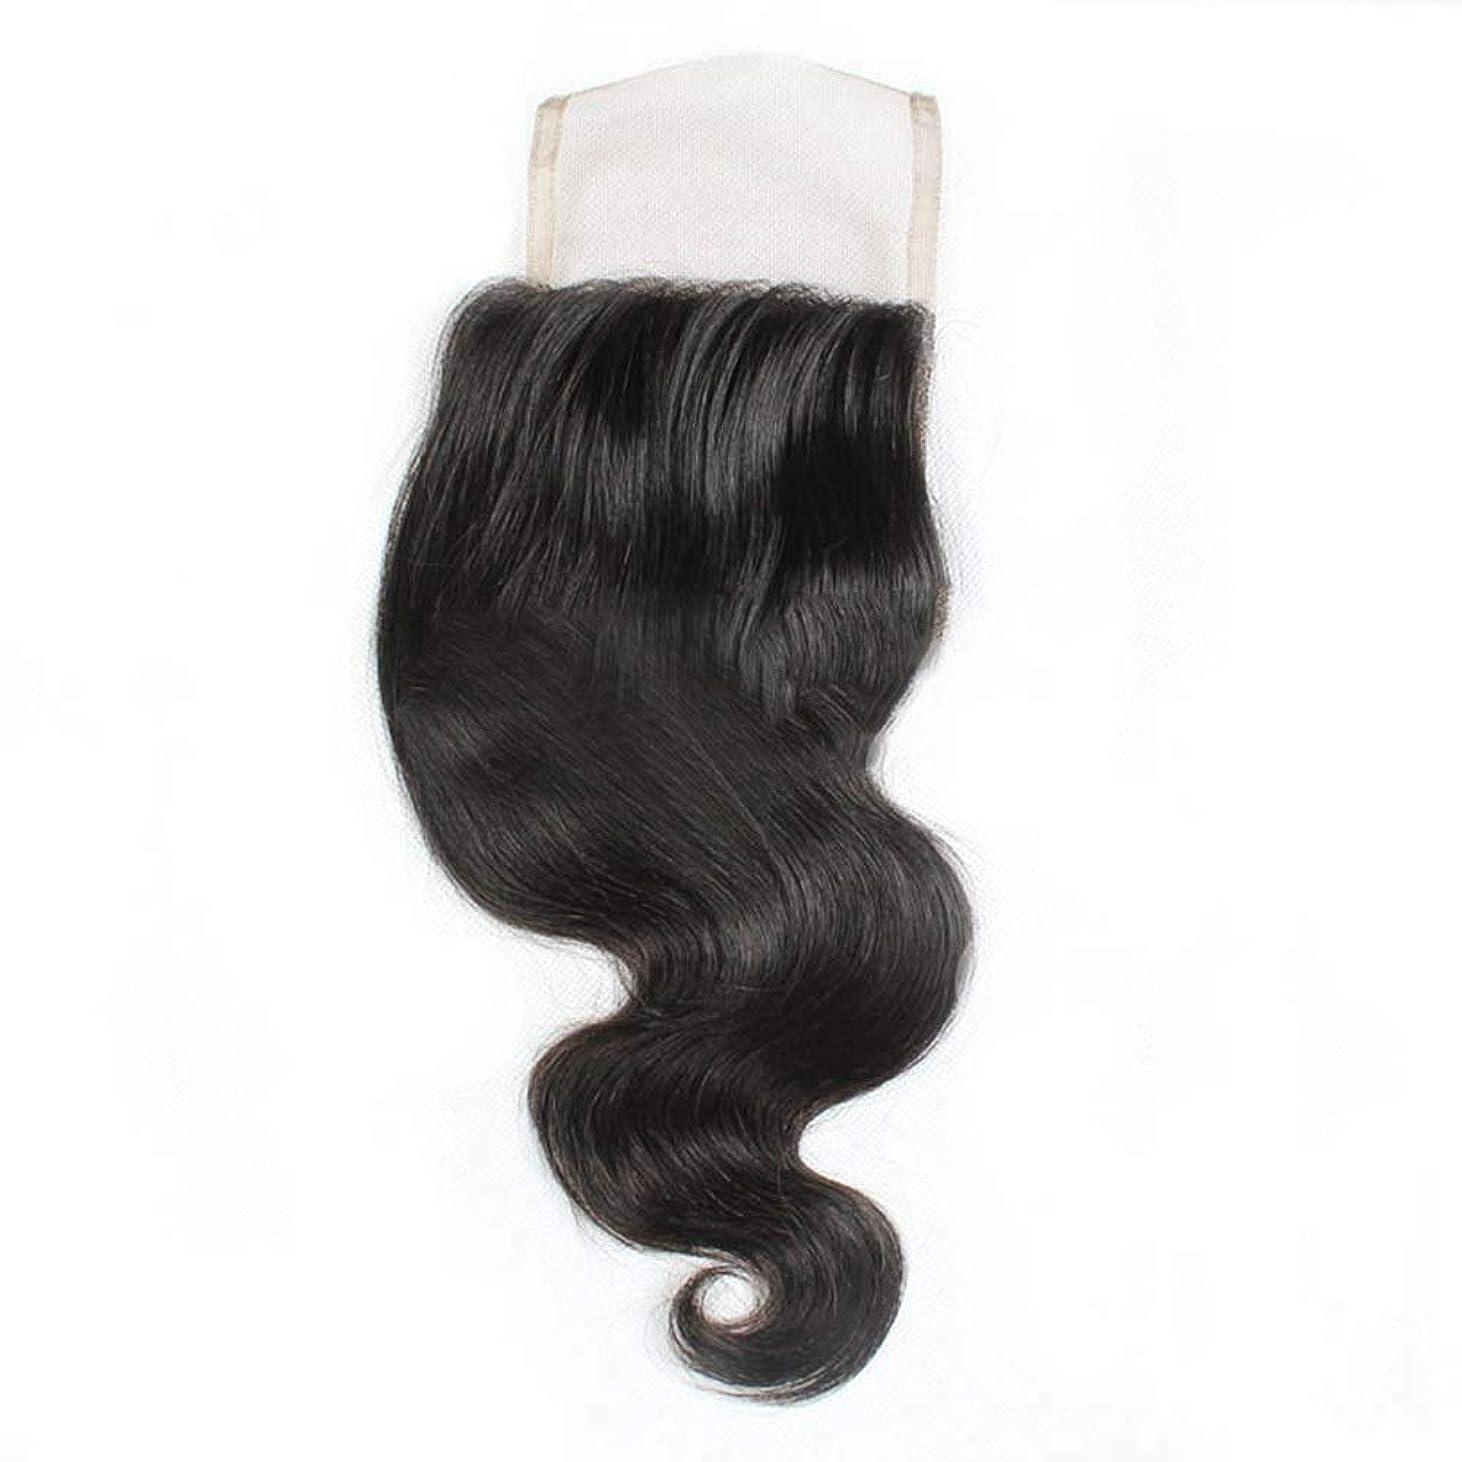 創造道に迷いました関数YESONEEP 9aブラジル人毛フリーパート4 * 4レース前頭閉鎖ボディウェーブヘアロールプレイングかつら女性のかつら (色 : 黒, サイズ : 10 inch)